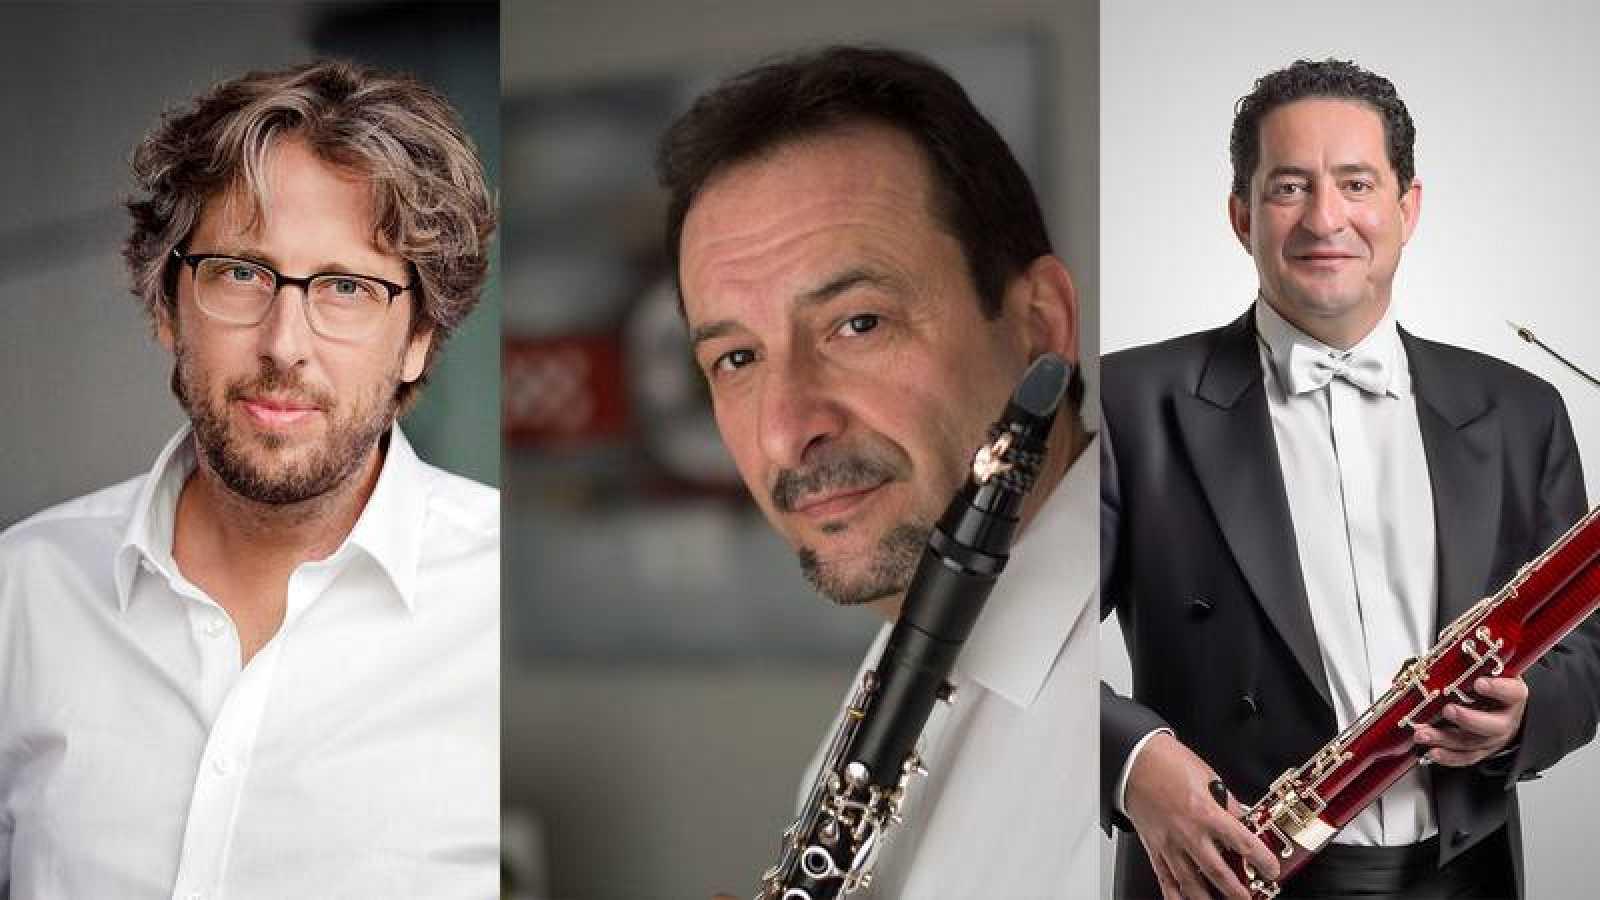 Michal Nesterowicz, Miguel Espejo y Miguel Barona